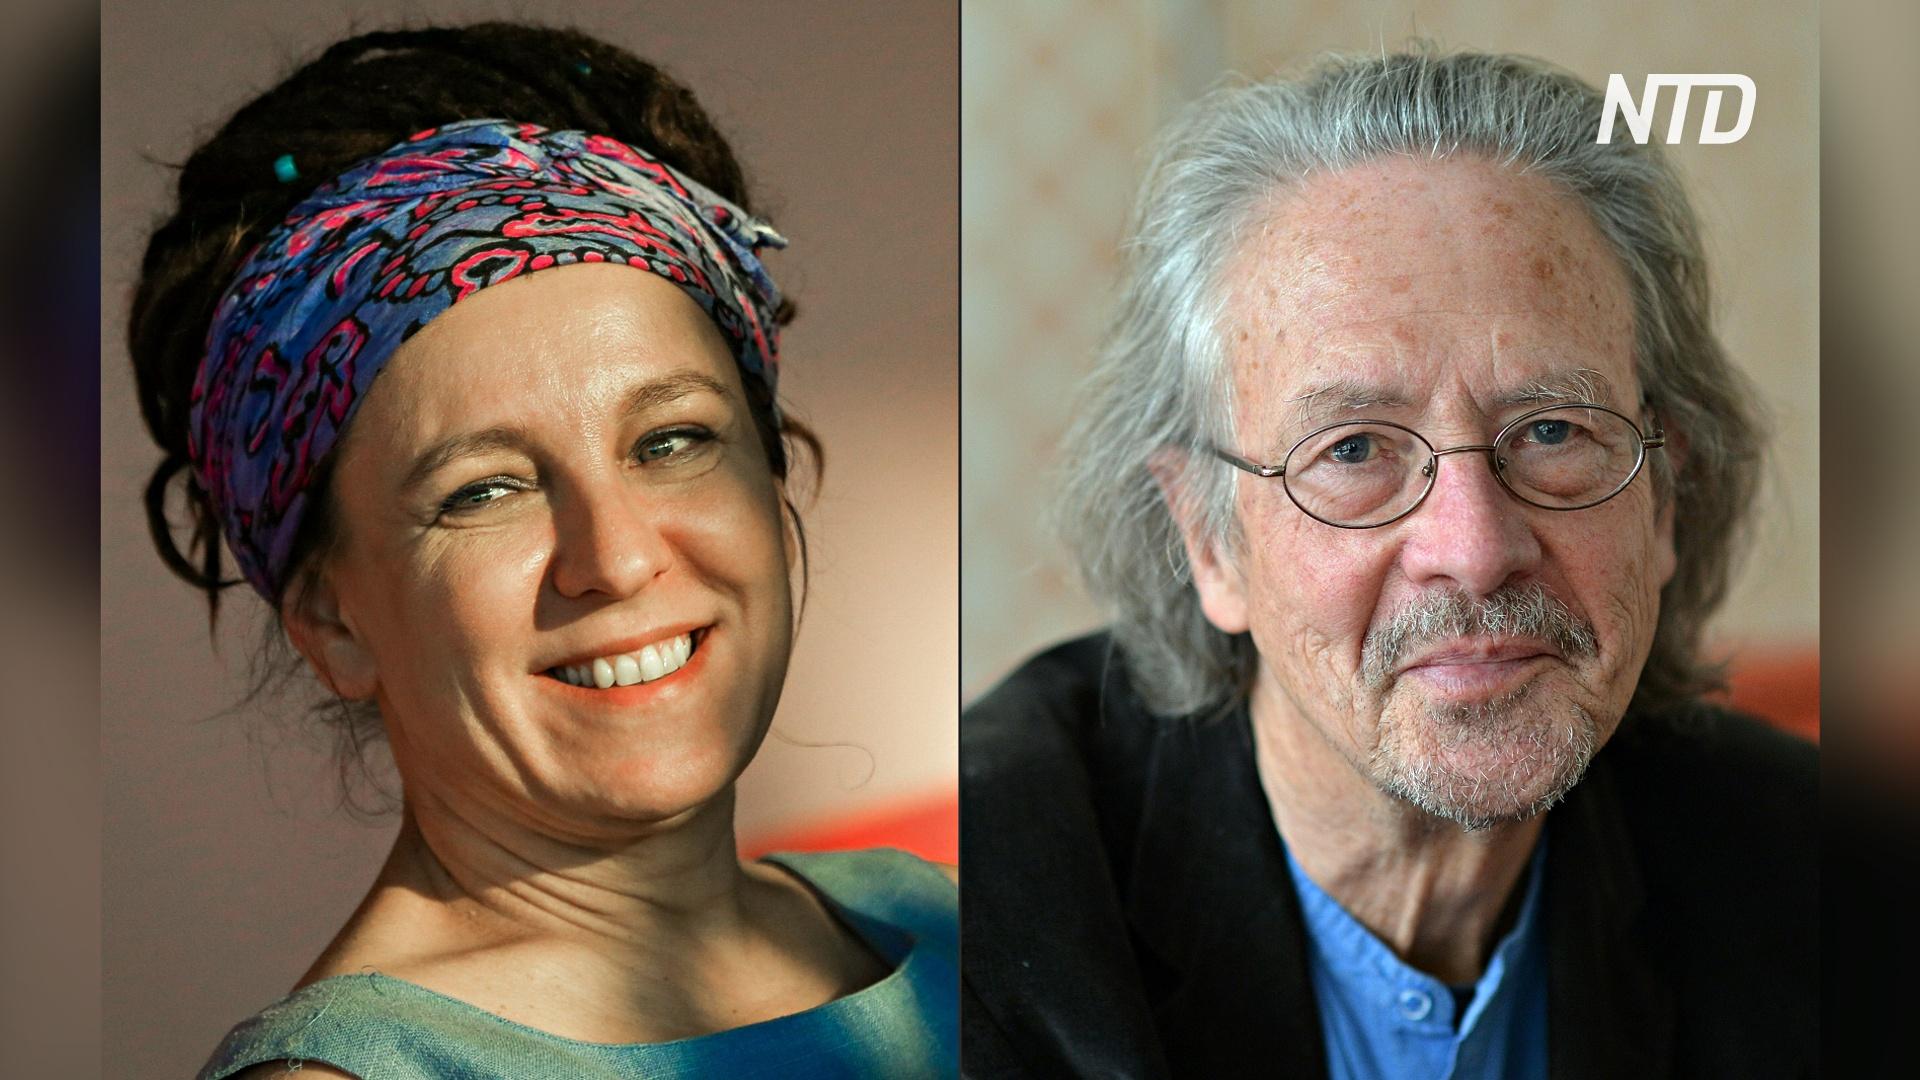 Нобелевская премия по литературе: объявлены лауреаты за 2018 и 2019 годы